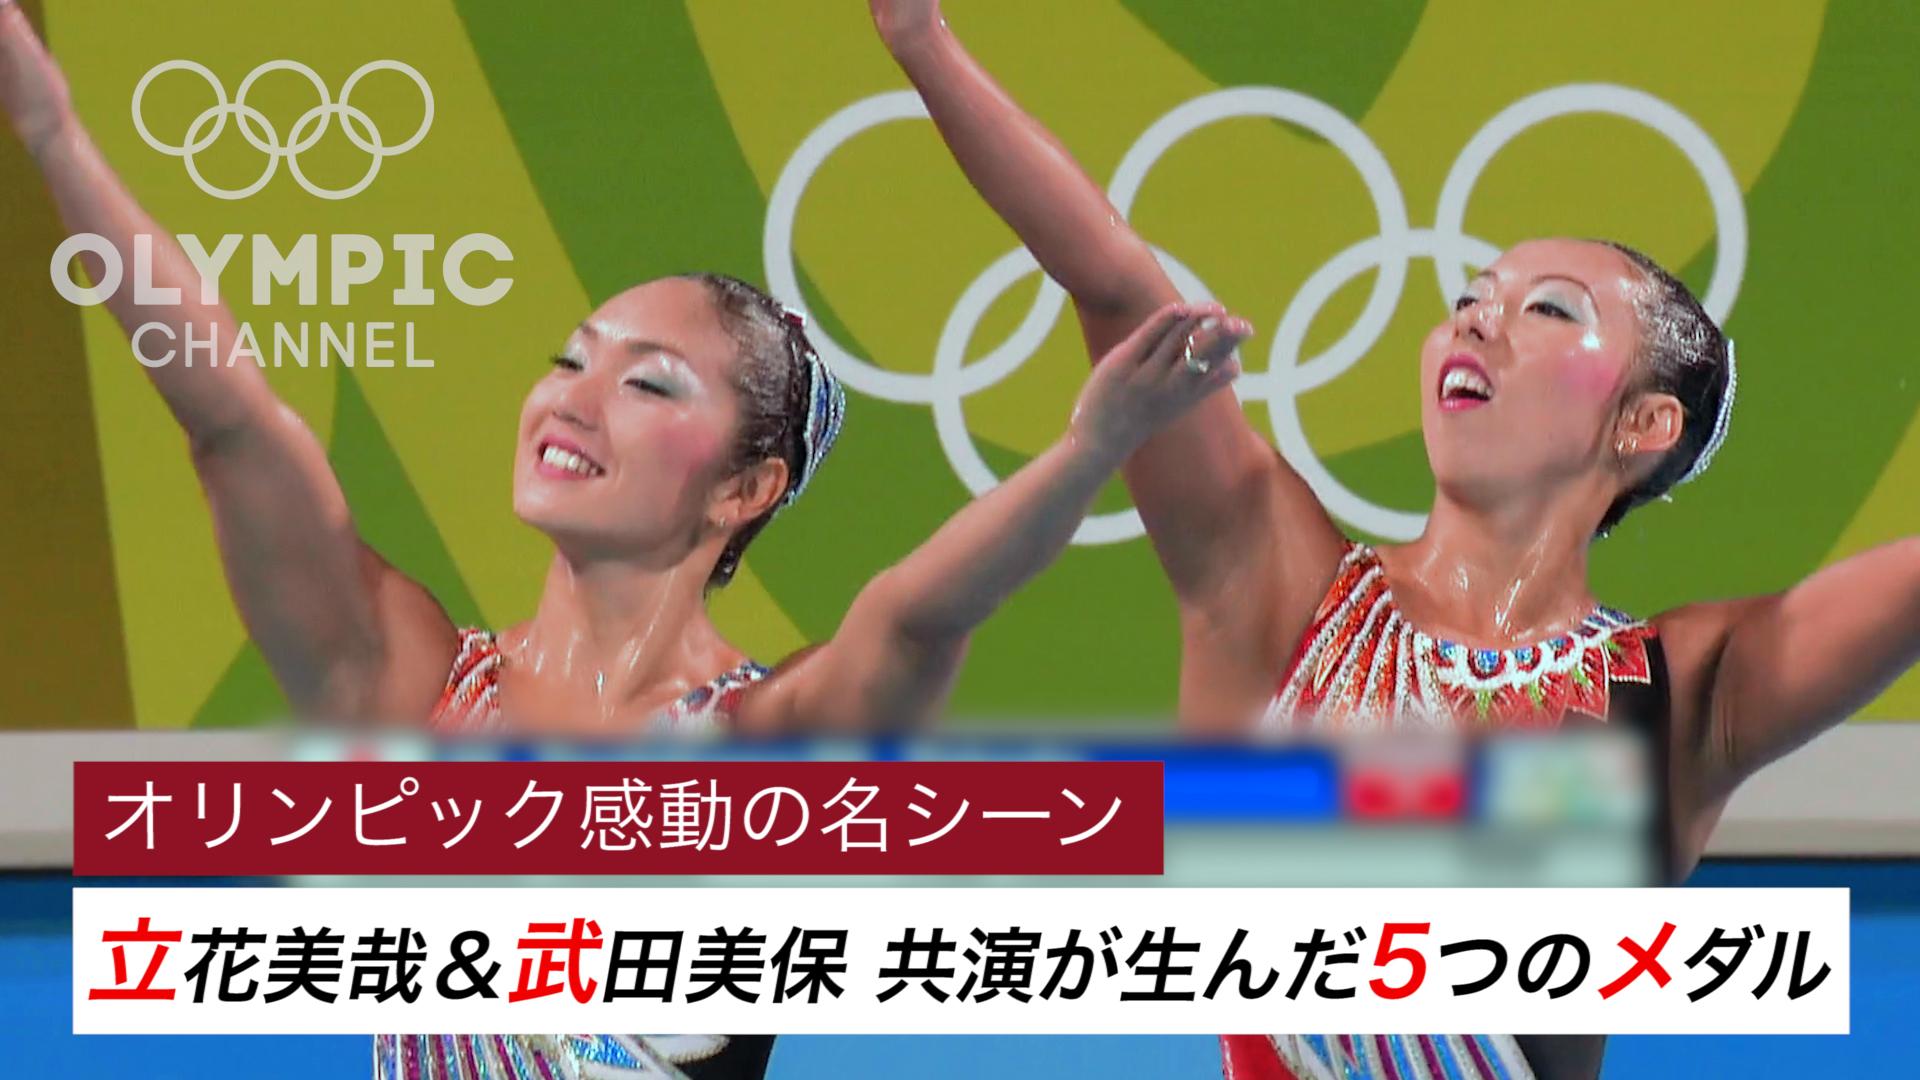 オリンピック感動の名シーン 立花美哉&武田美保 共演が生んだ5つのメダル